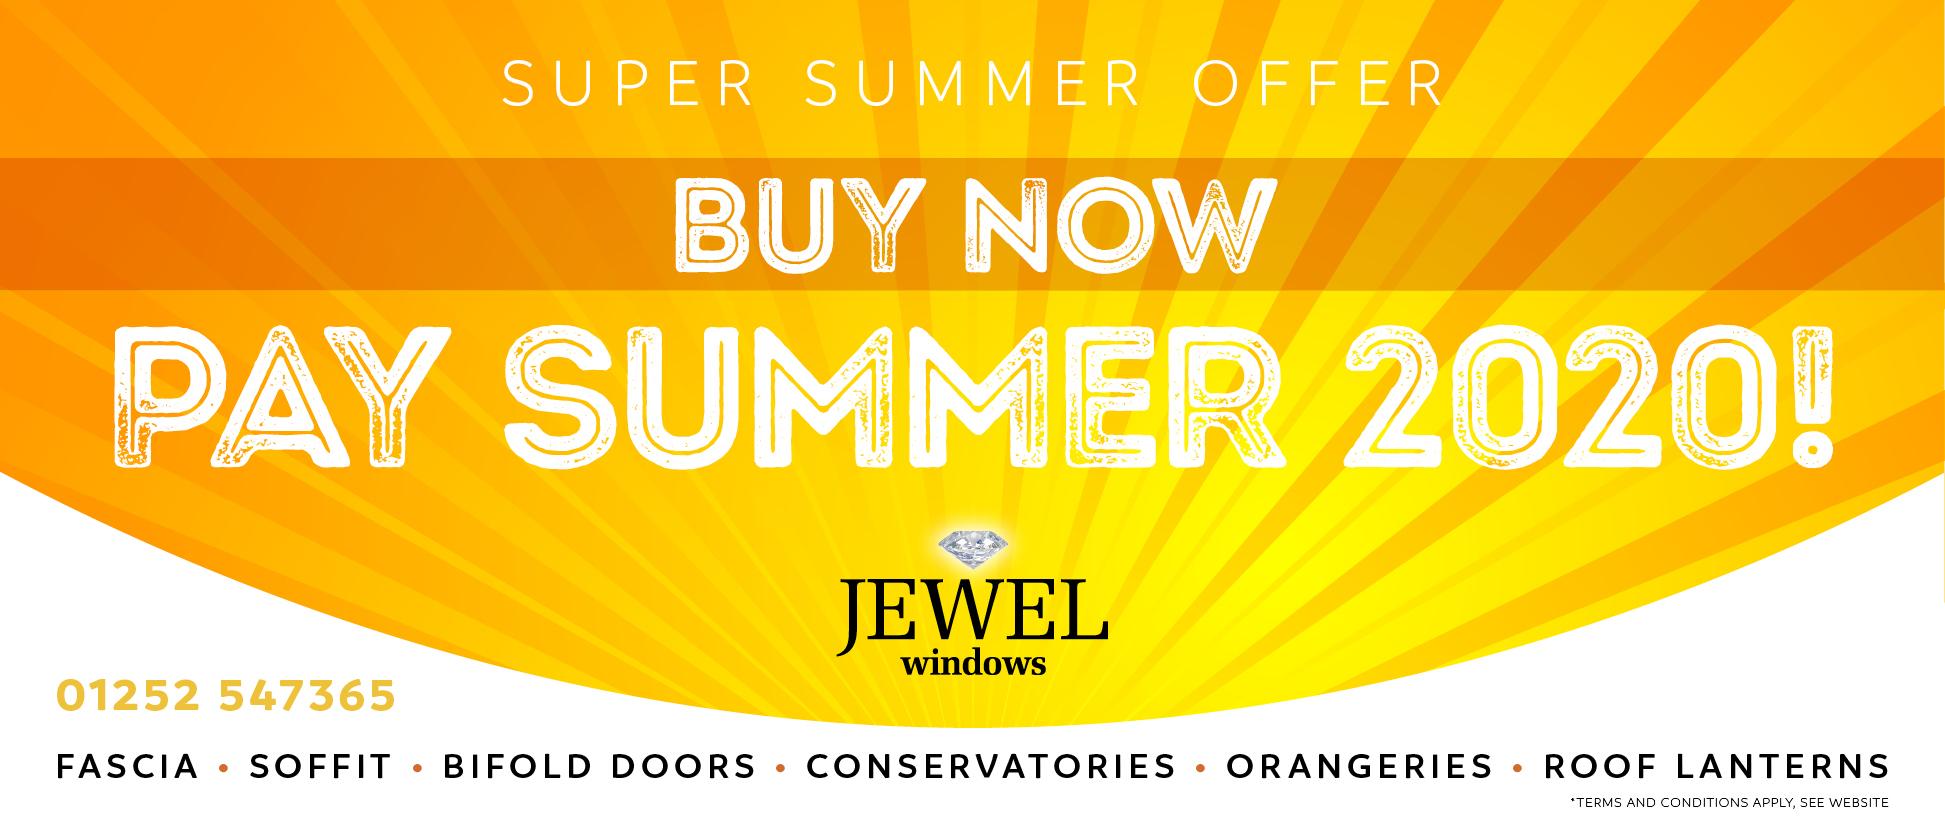 Jewel_Web-Banner1400x600px_Super-Summer-Copy